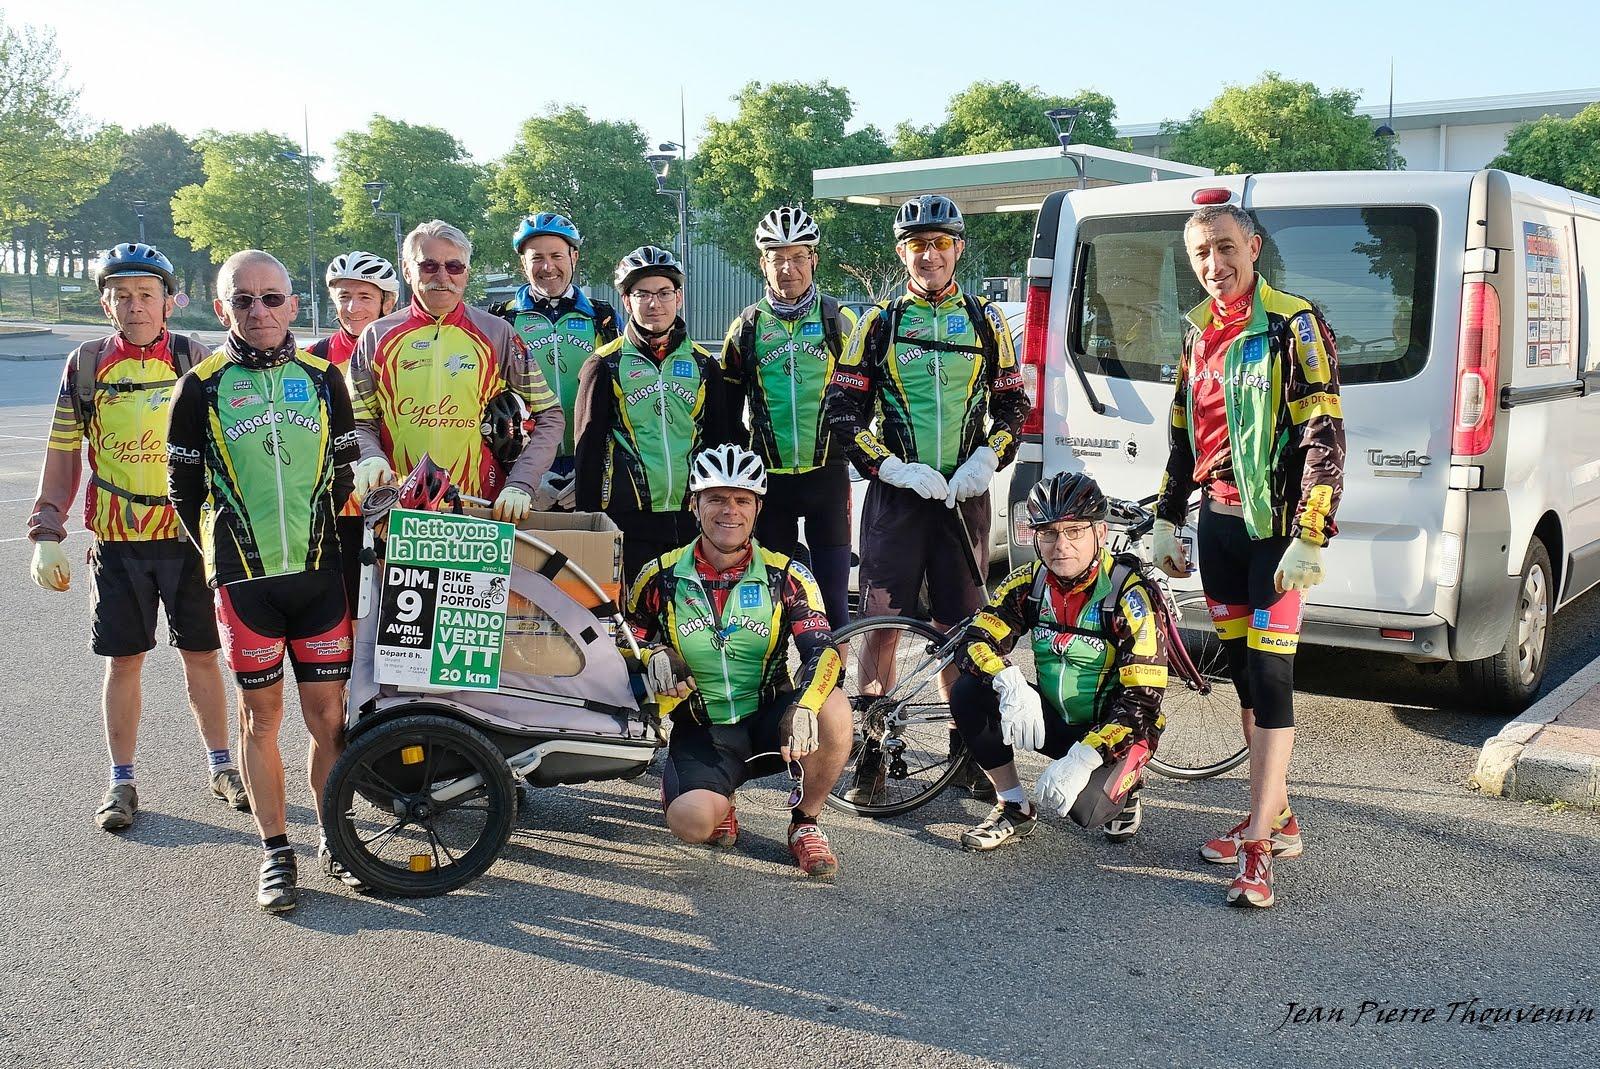 Les Brigades vertes du BCP et le Cyclo Portois pour nettoyer nos chemins ce dimanche 9 avril !